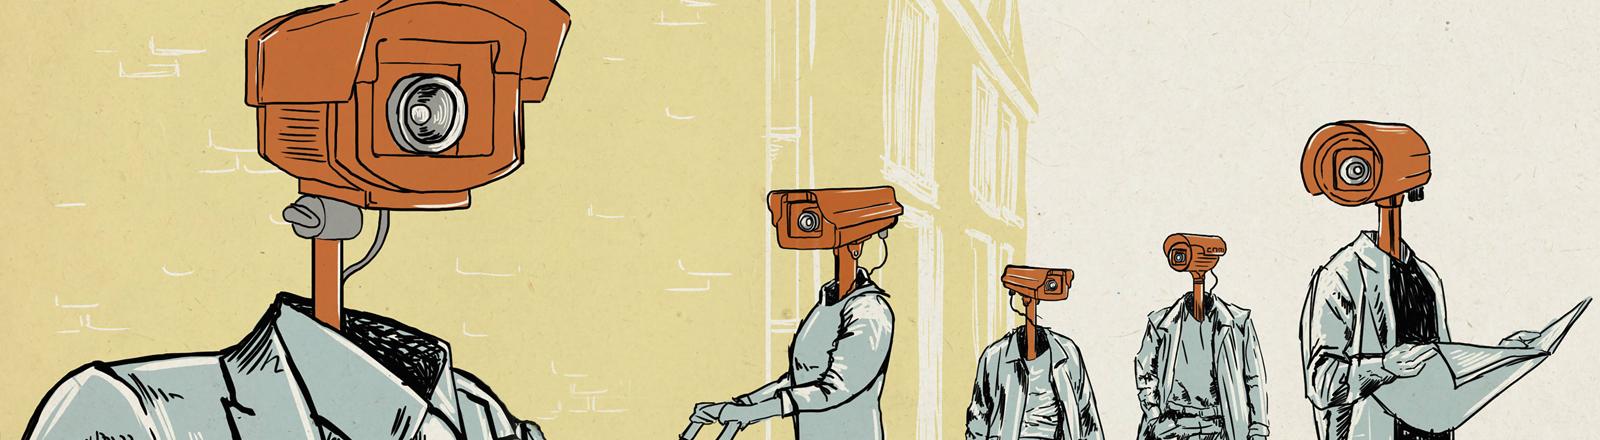 Symbolbild: Ein Mann und eine Frau mit Überwachungskameras als Köpfen (Illustration)